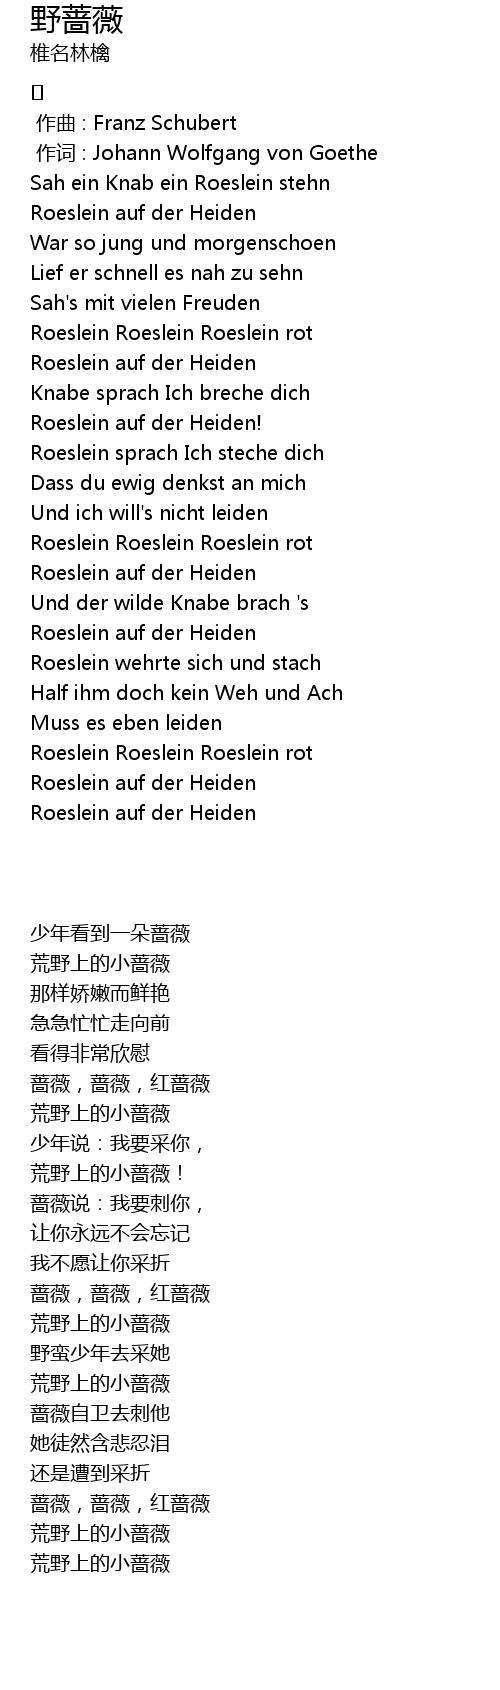 歌詞 椎名 林檎